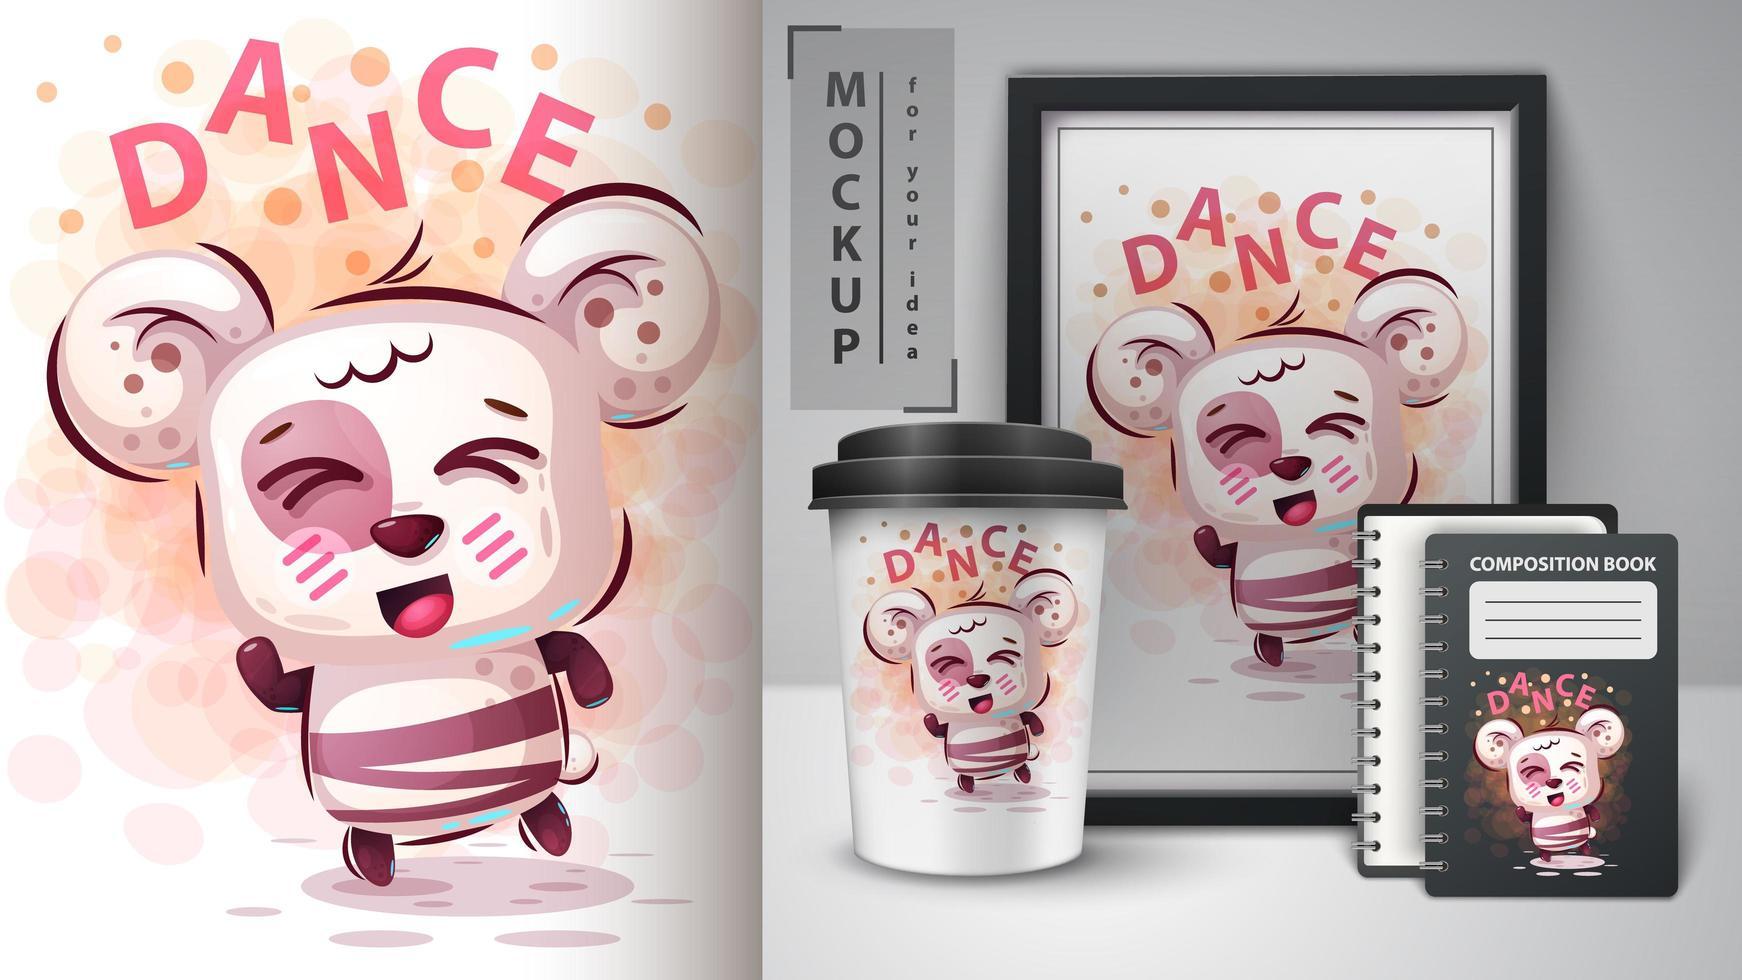 söt tecknad dansbjörn design vektor